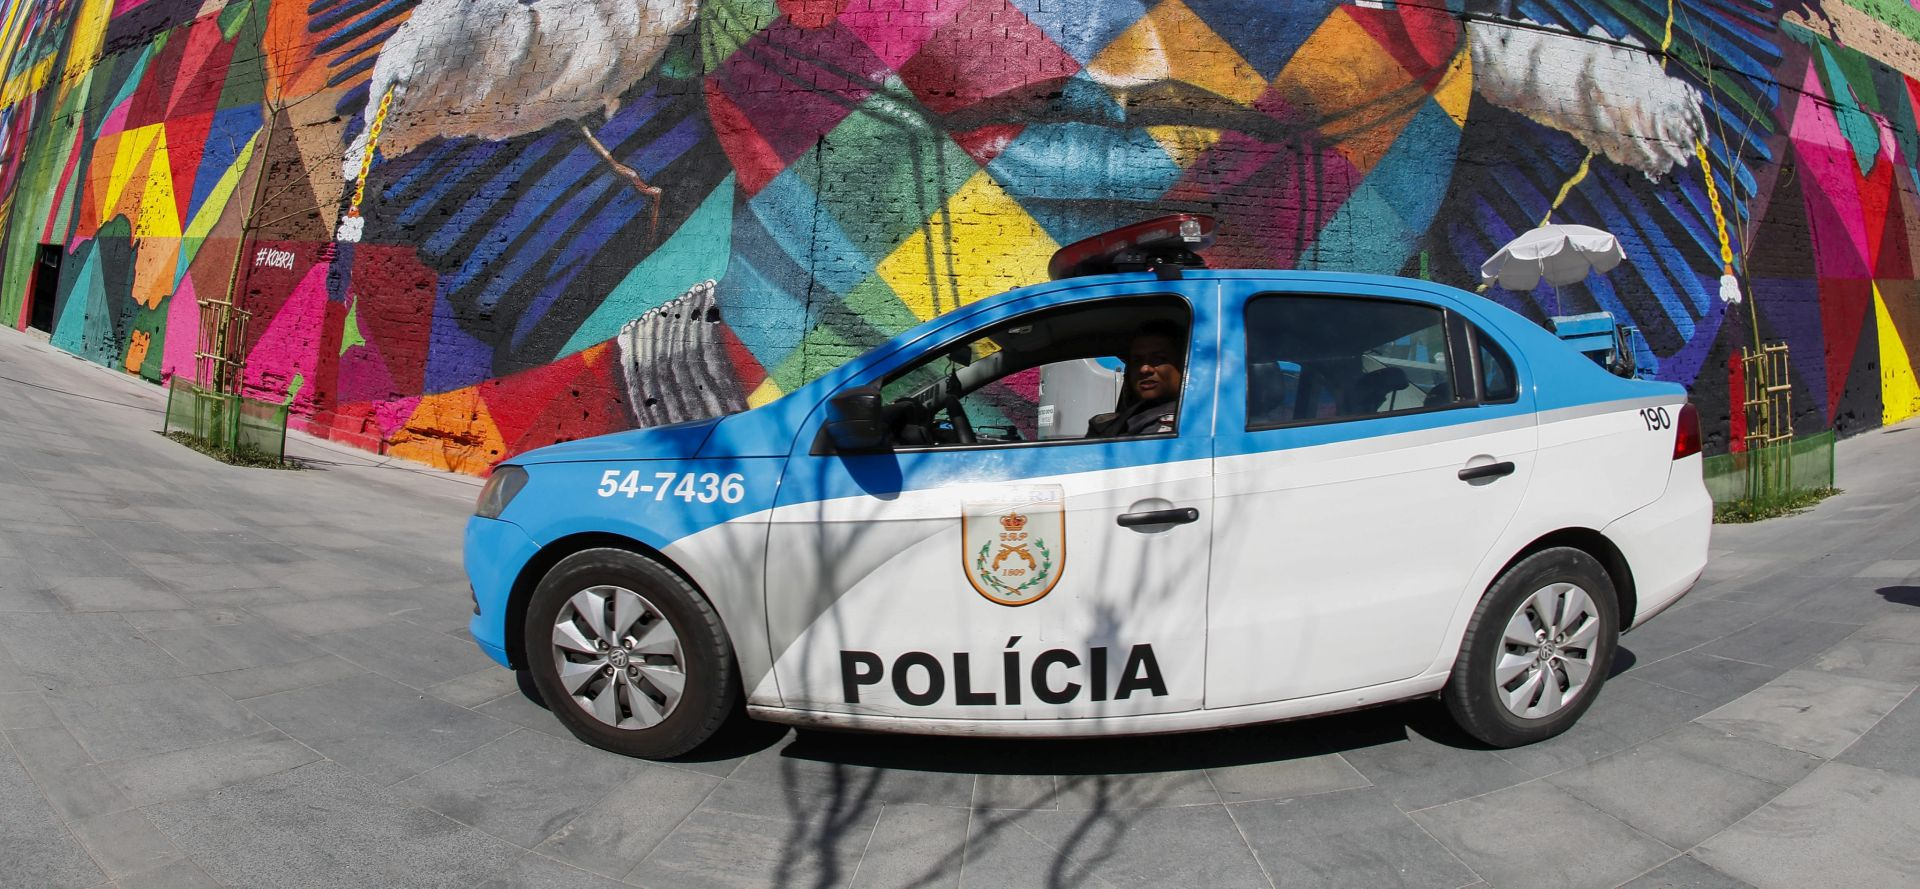 OI RIO: Sukob policije i kriminalaca u faveli Alemao